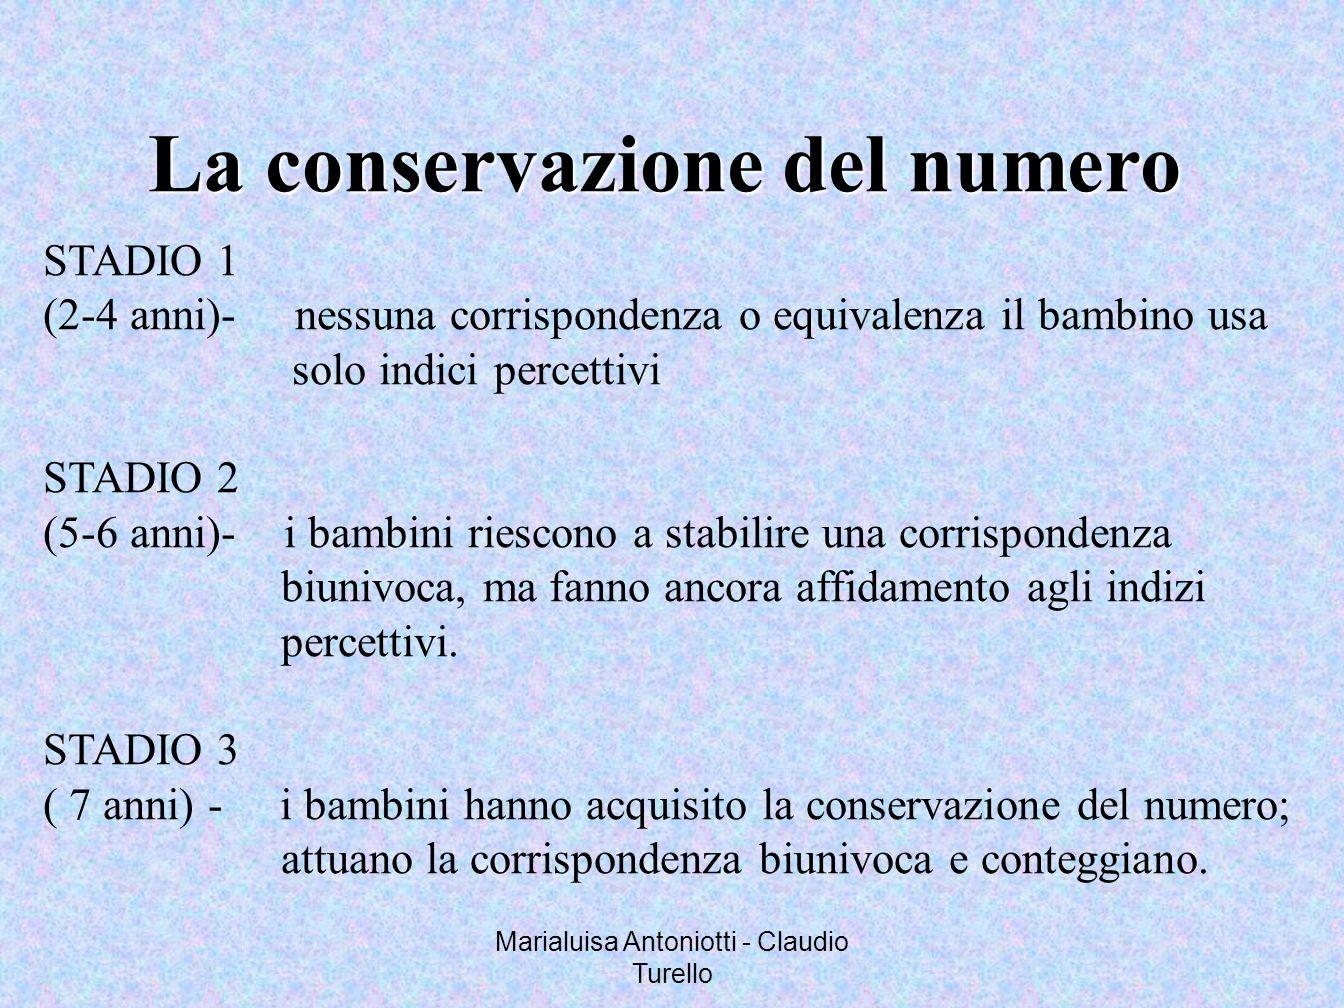 Marialuisa Antoniotti - Claudio Turello La conservazione del numero STADIO 1 (2-4 anni)- nessuna corrispondenza o equivalenza il bambino usa solo indi